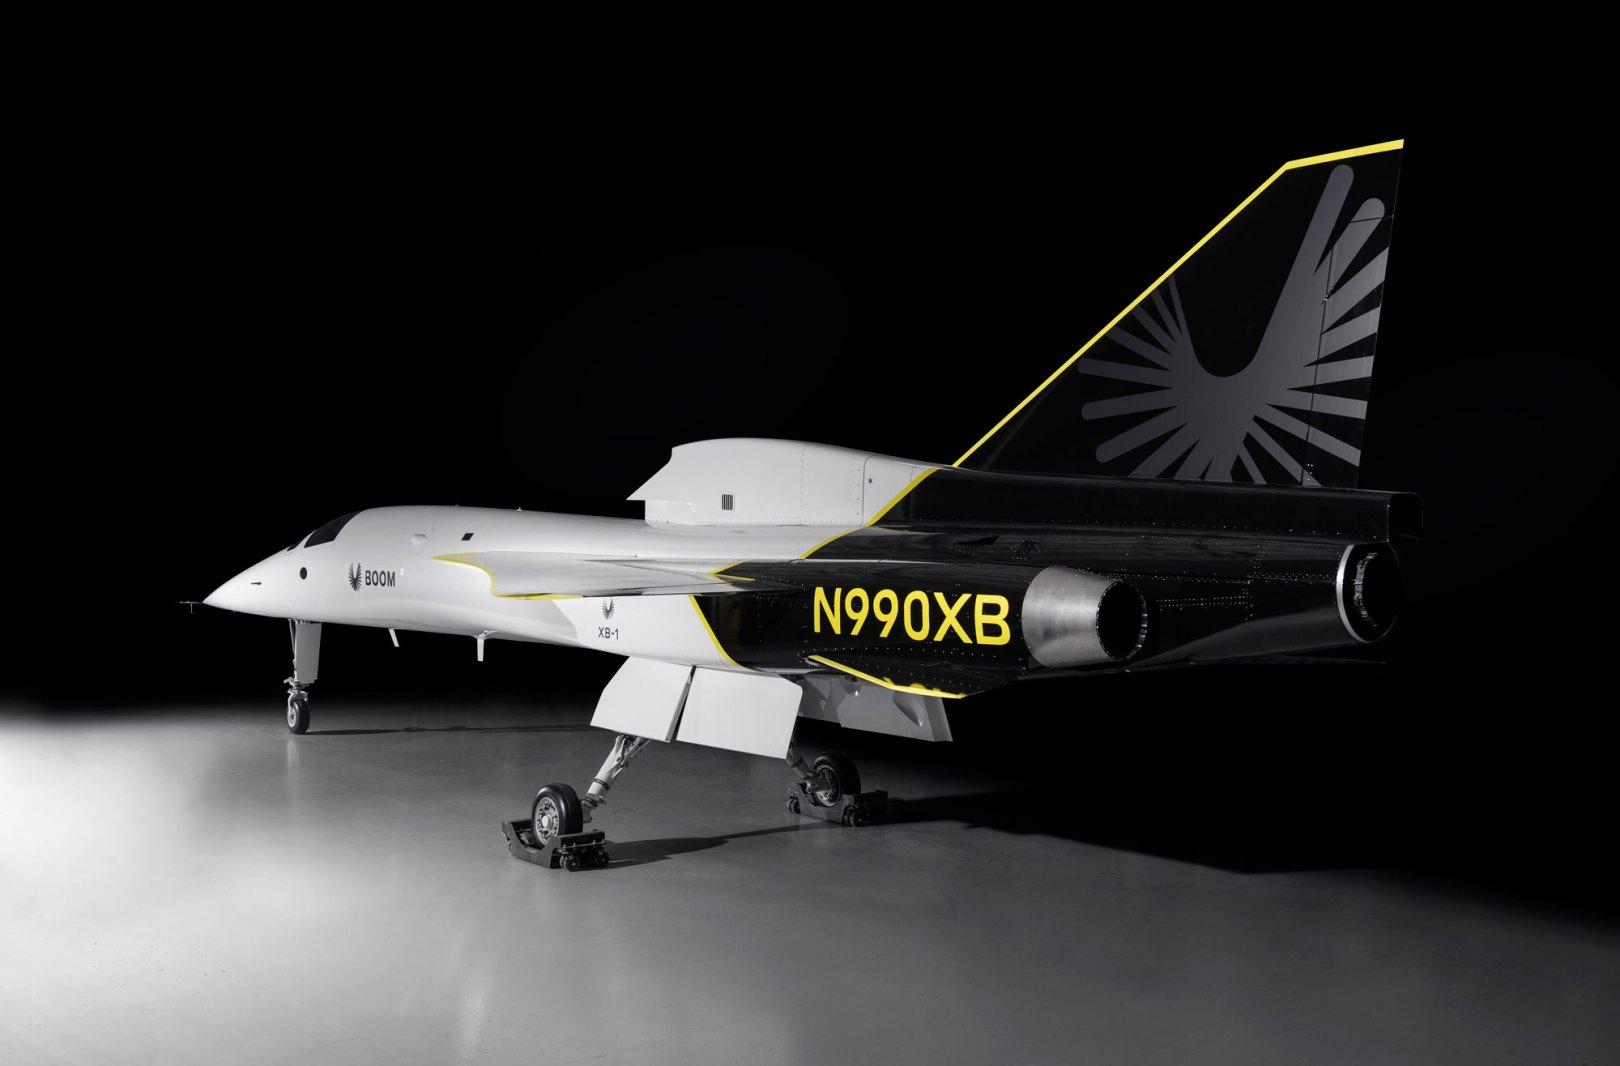 XB1 Boom avion supersonique